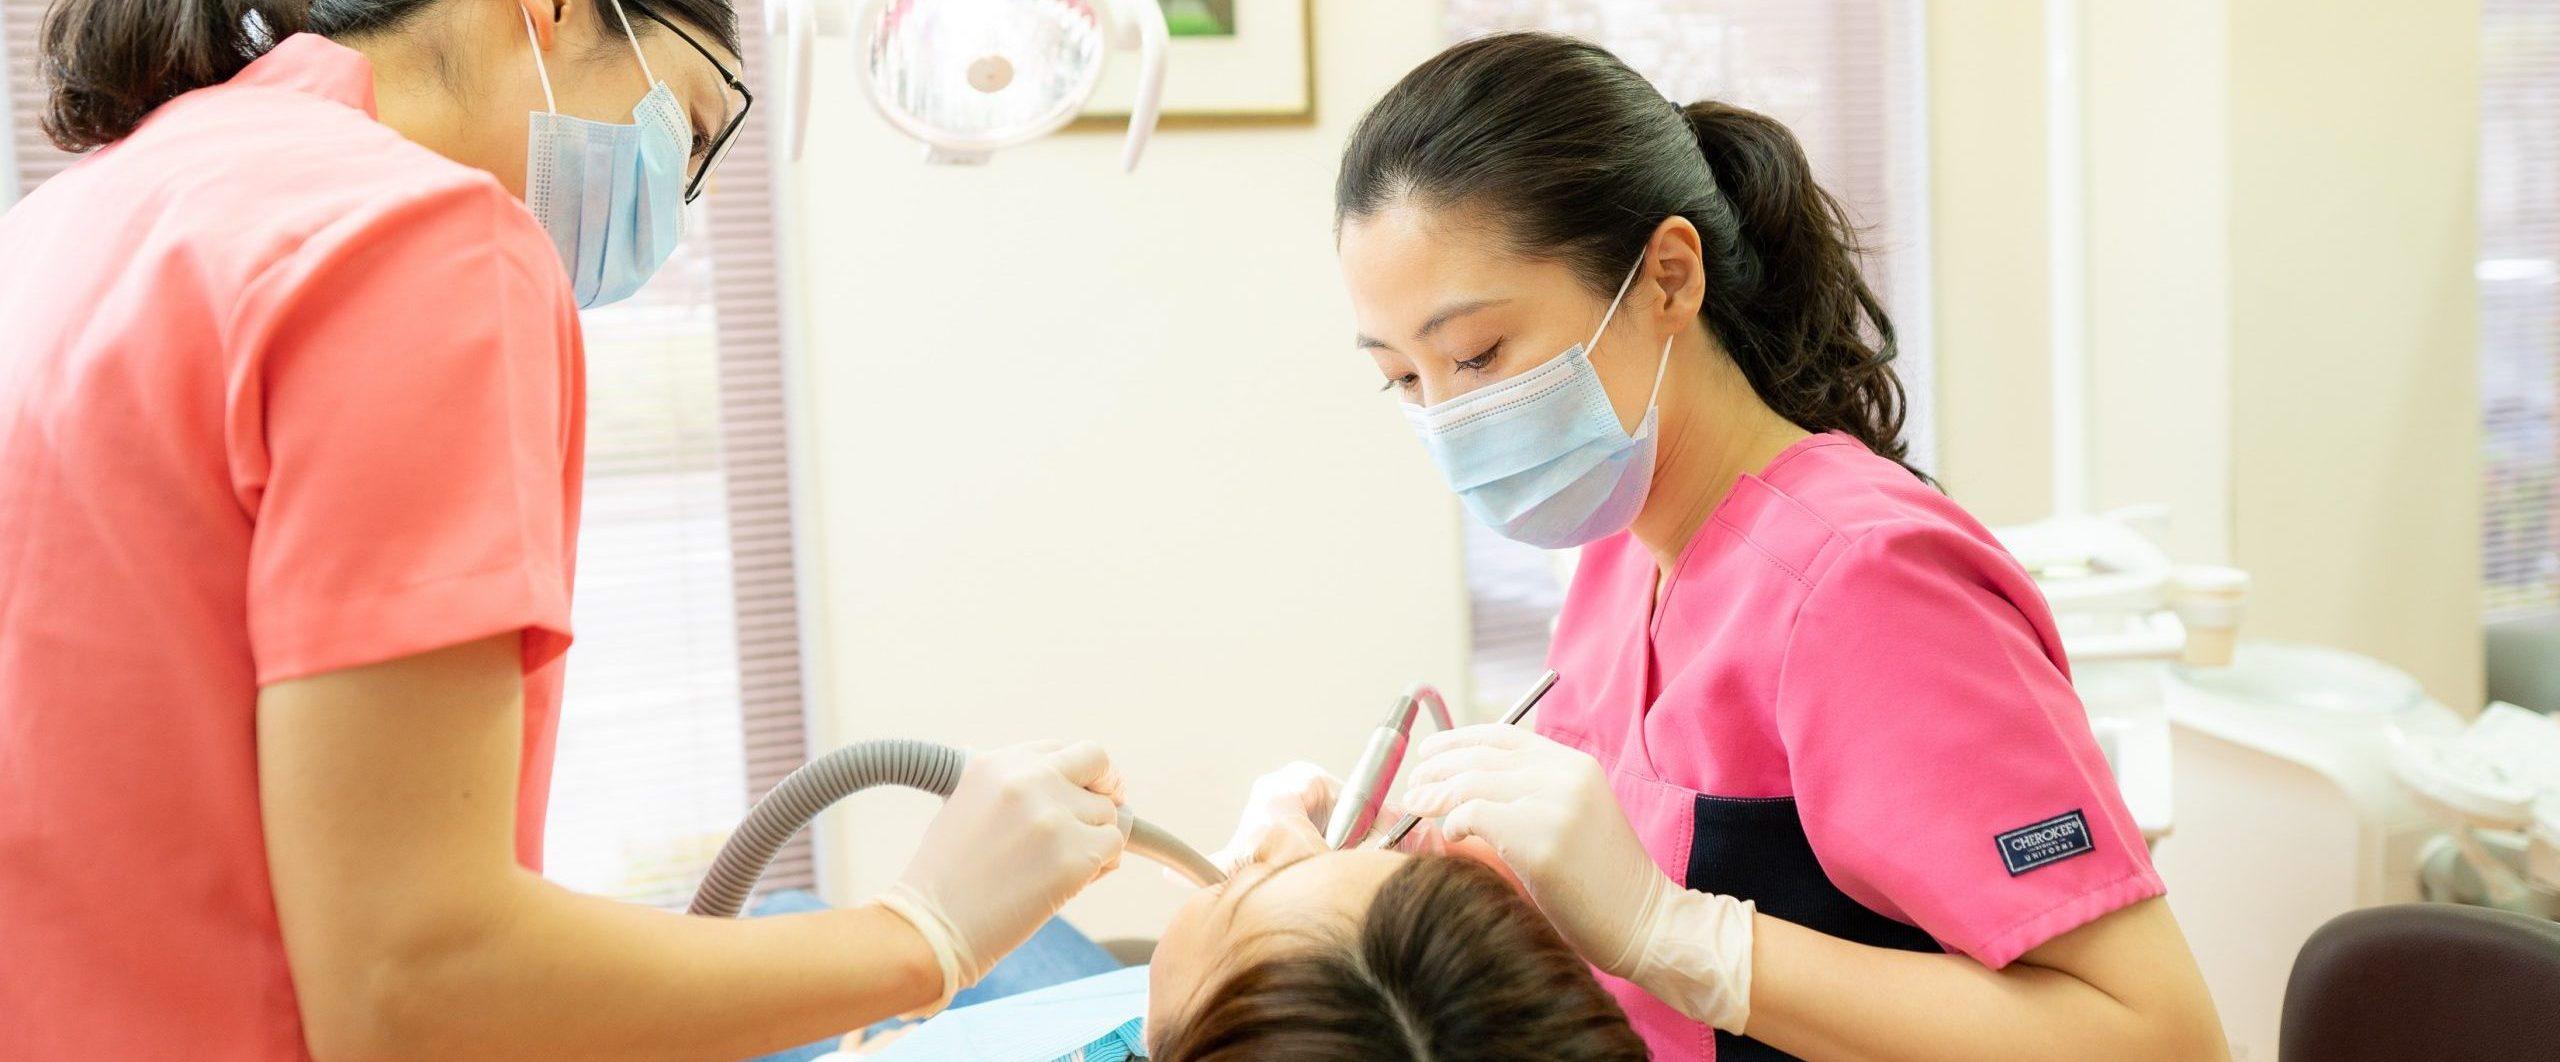 削らない治療|仙台市青葉区でなるべく歯を残す歯医者